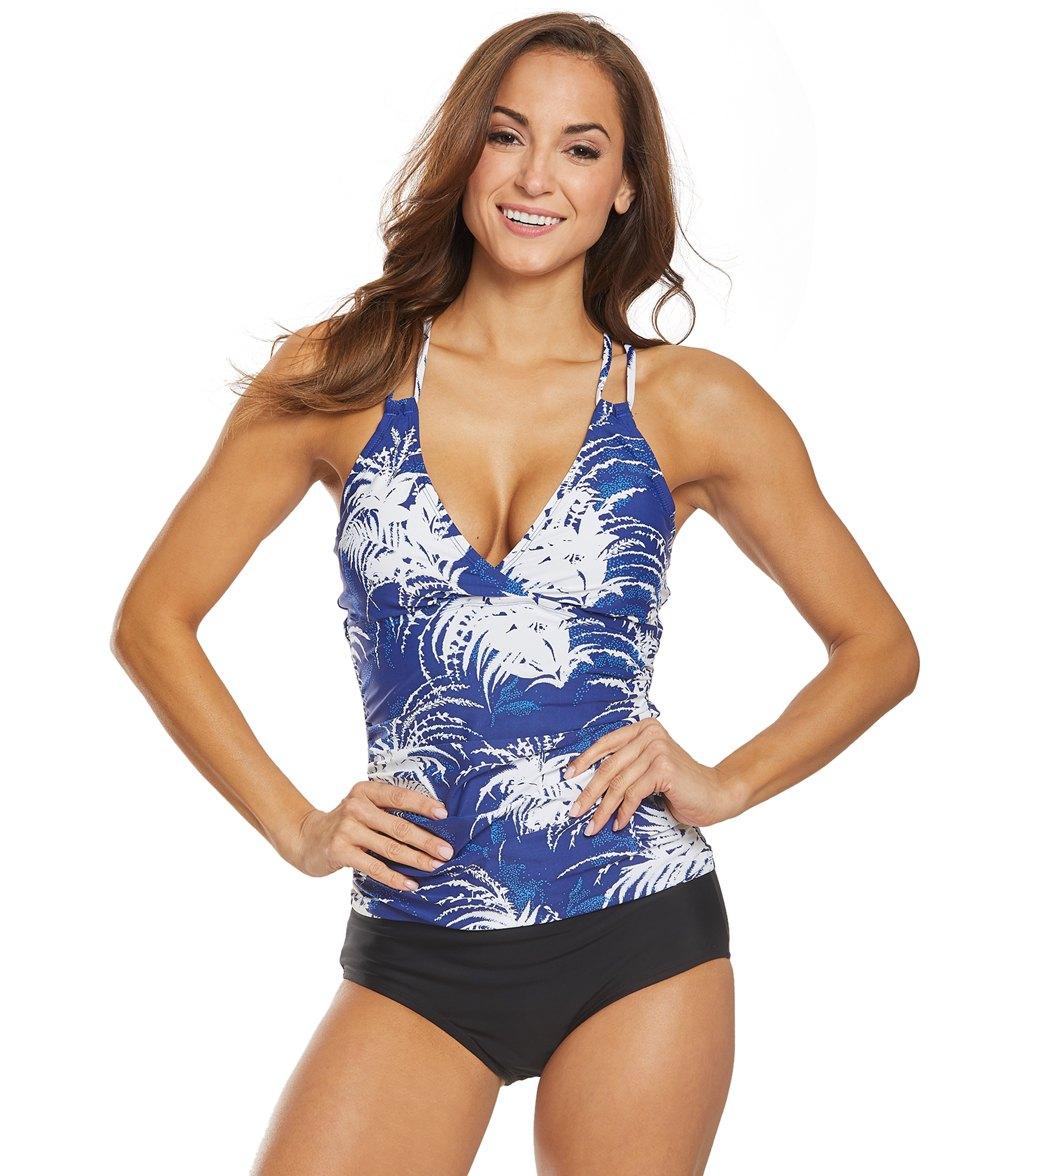 56d1c2260396e La Blanca Go Bold Or Go Home Underwire Surplice Tankini Top at  SwimOutlet.com - Free Shipping